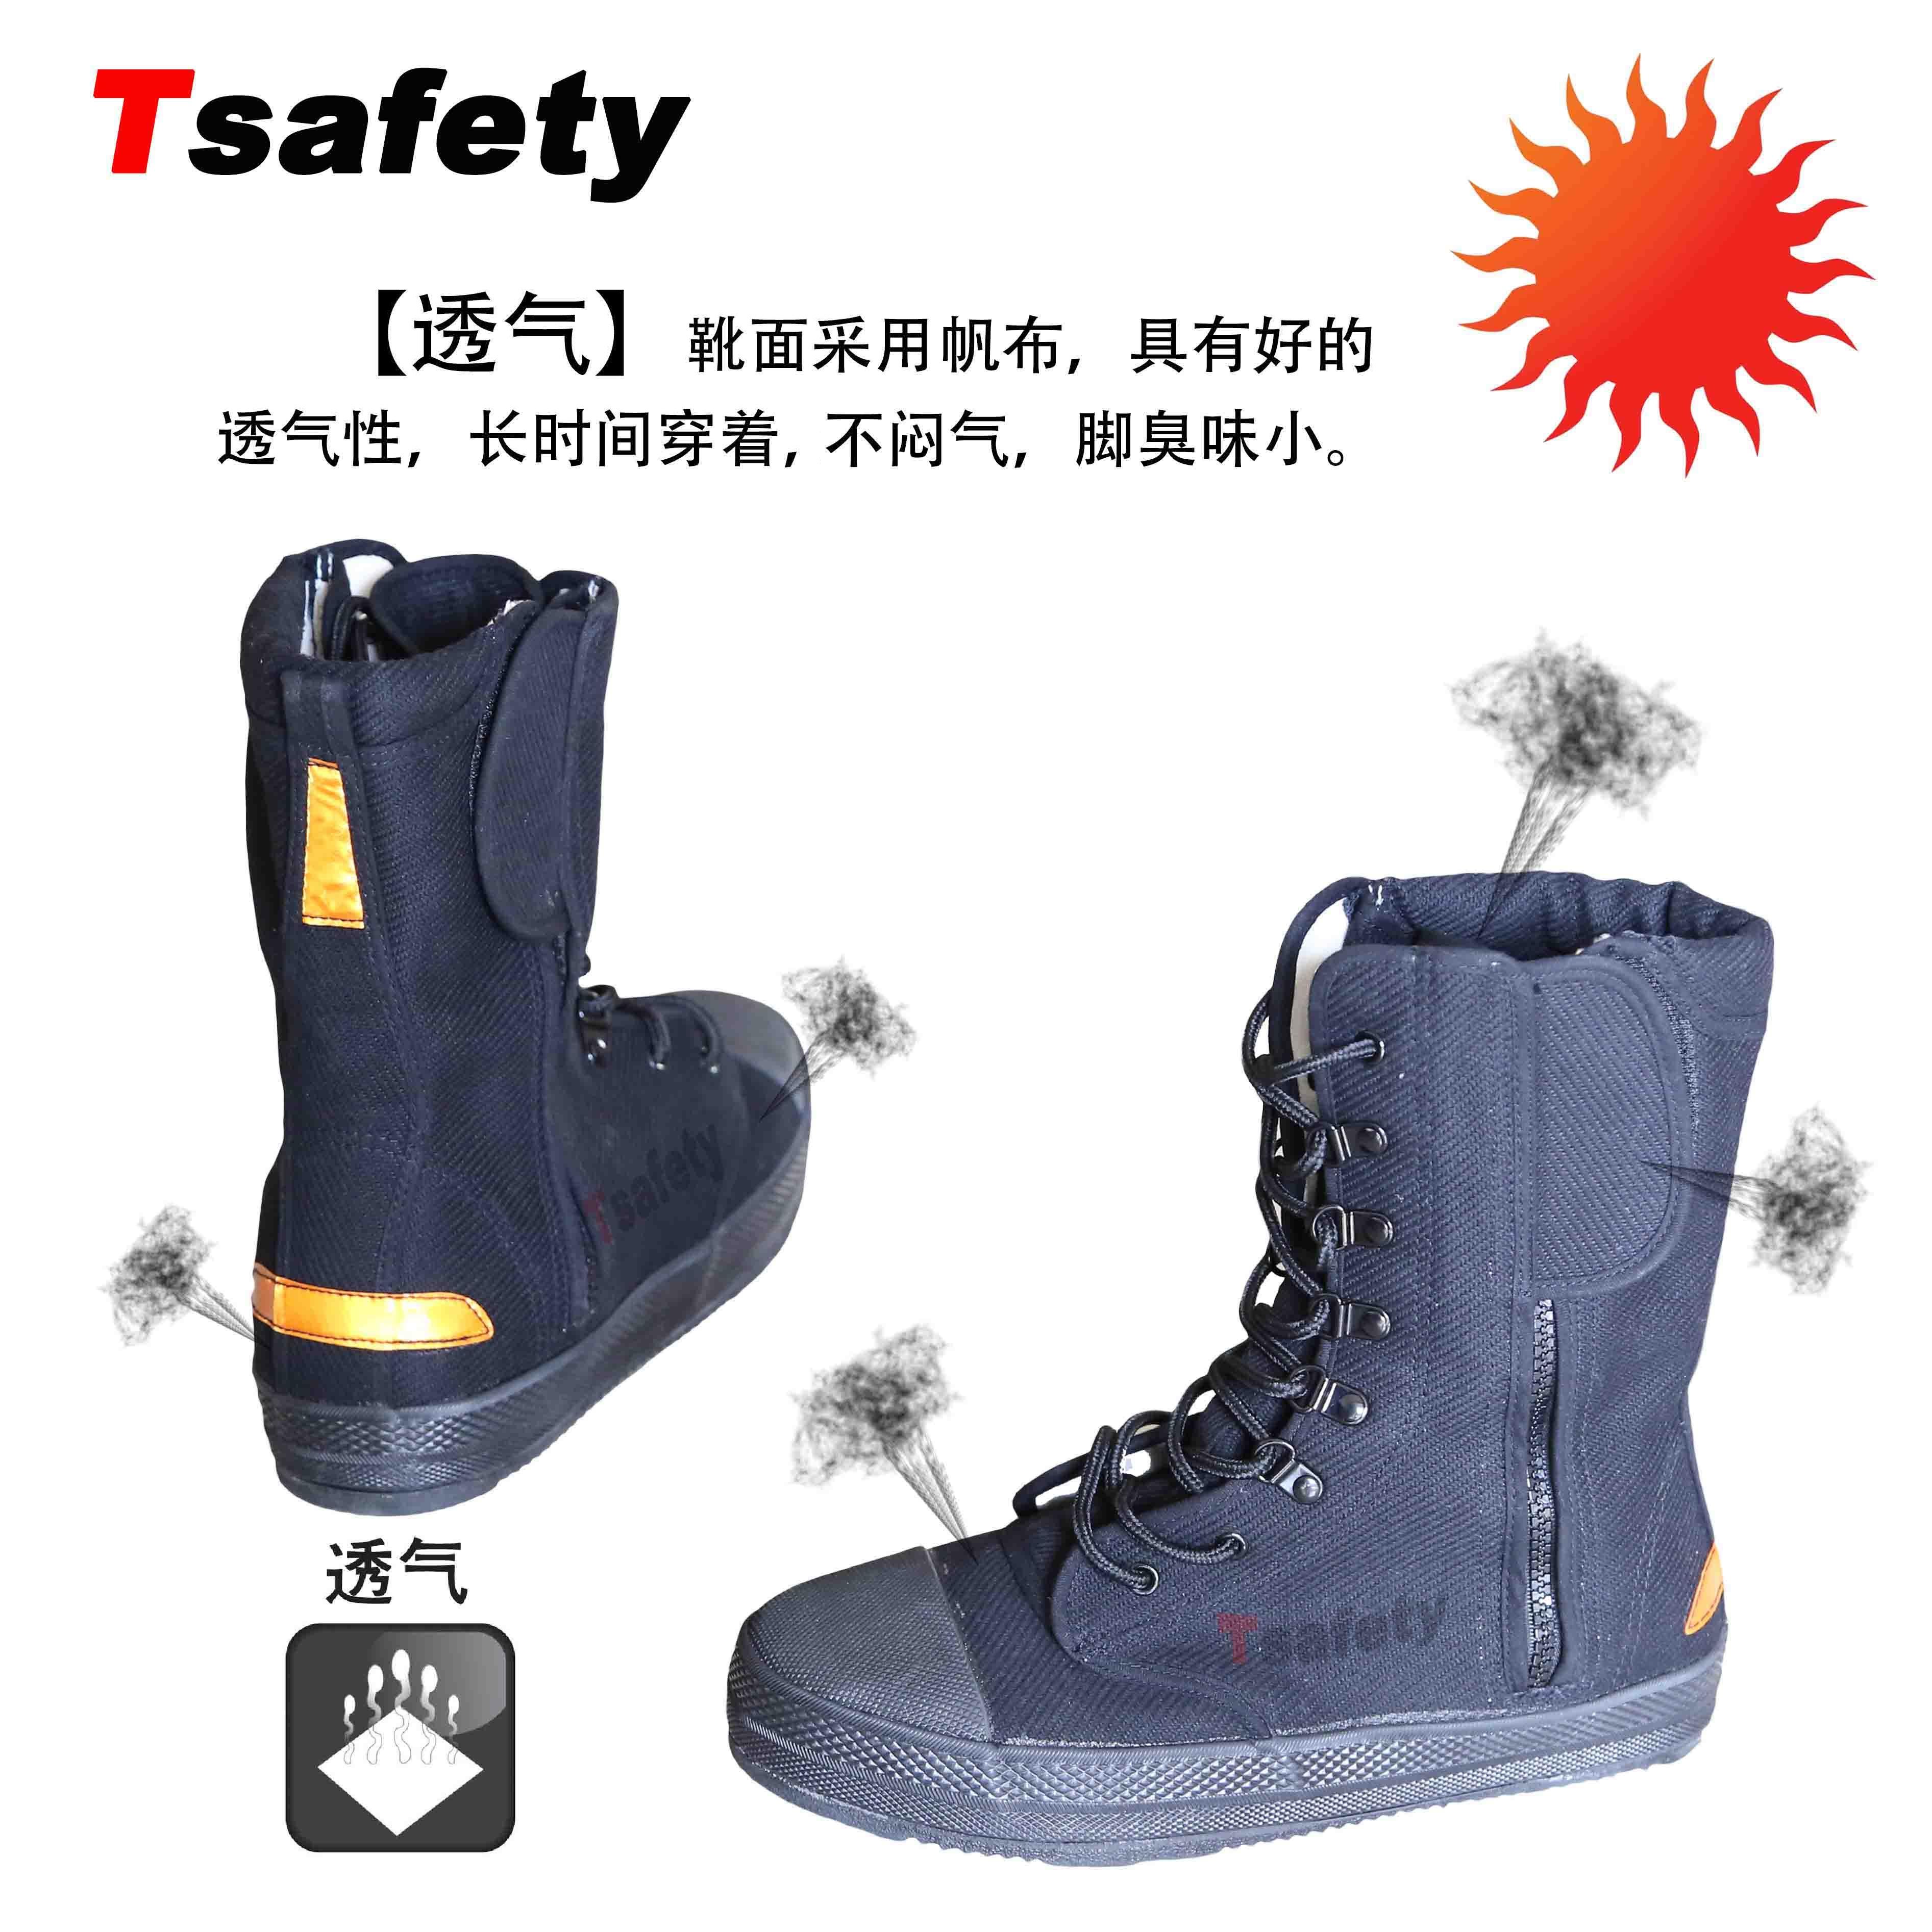 专业作训靴消防员靴子抢险救援比武训练攀登用软底轻便防护鞋战斗